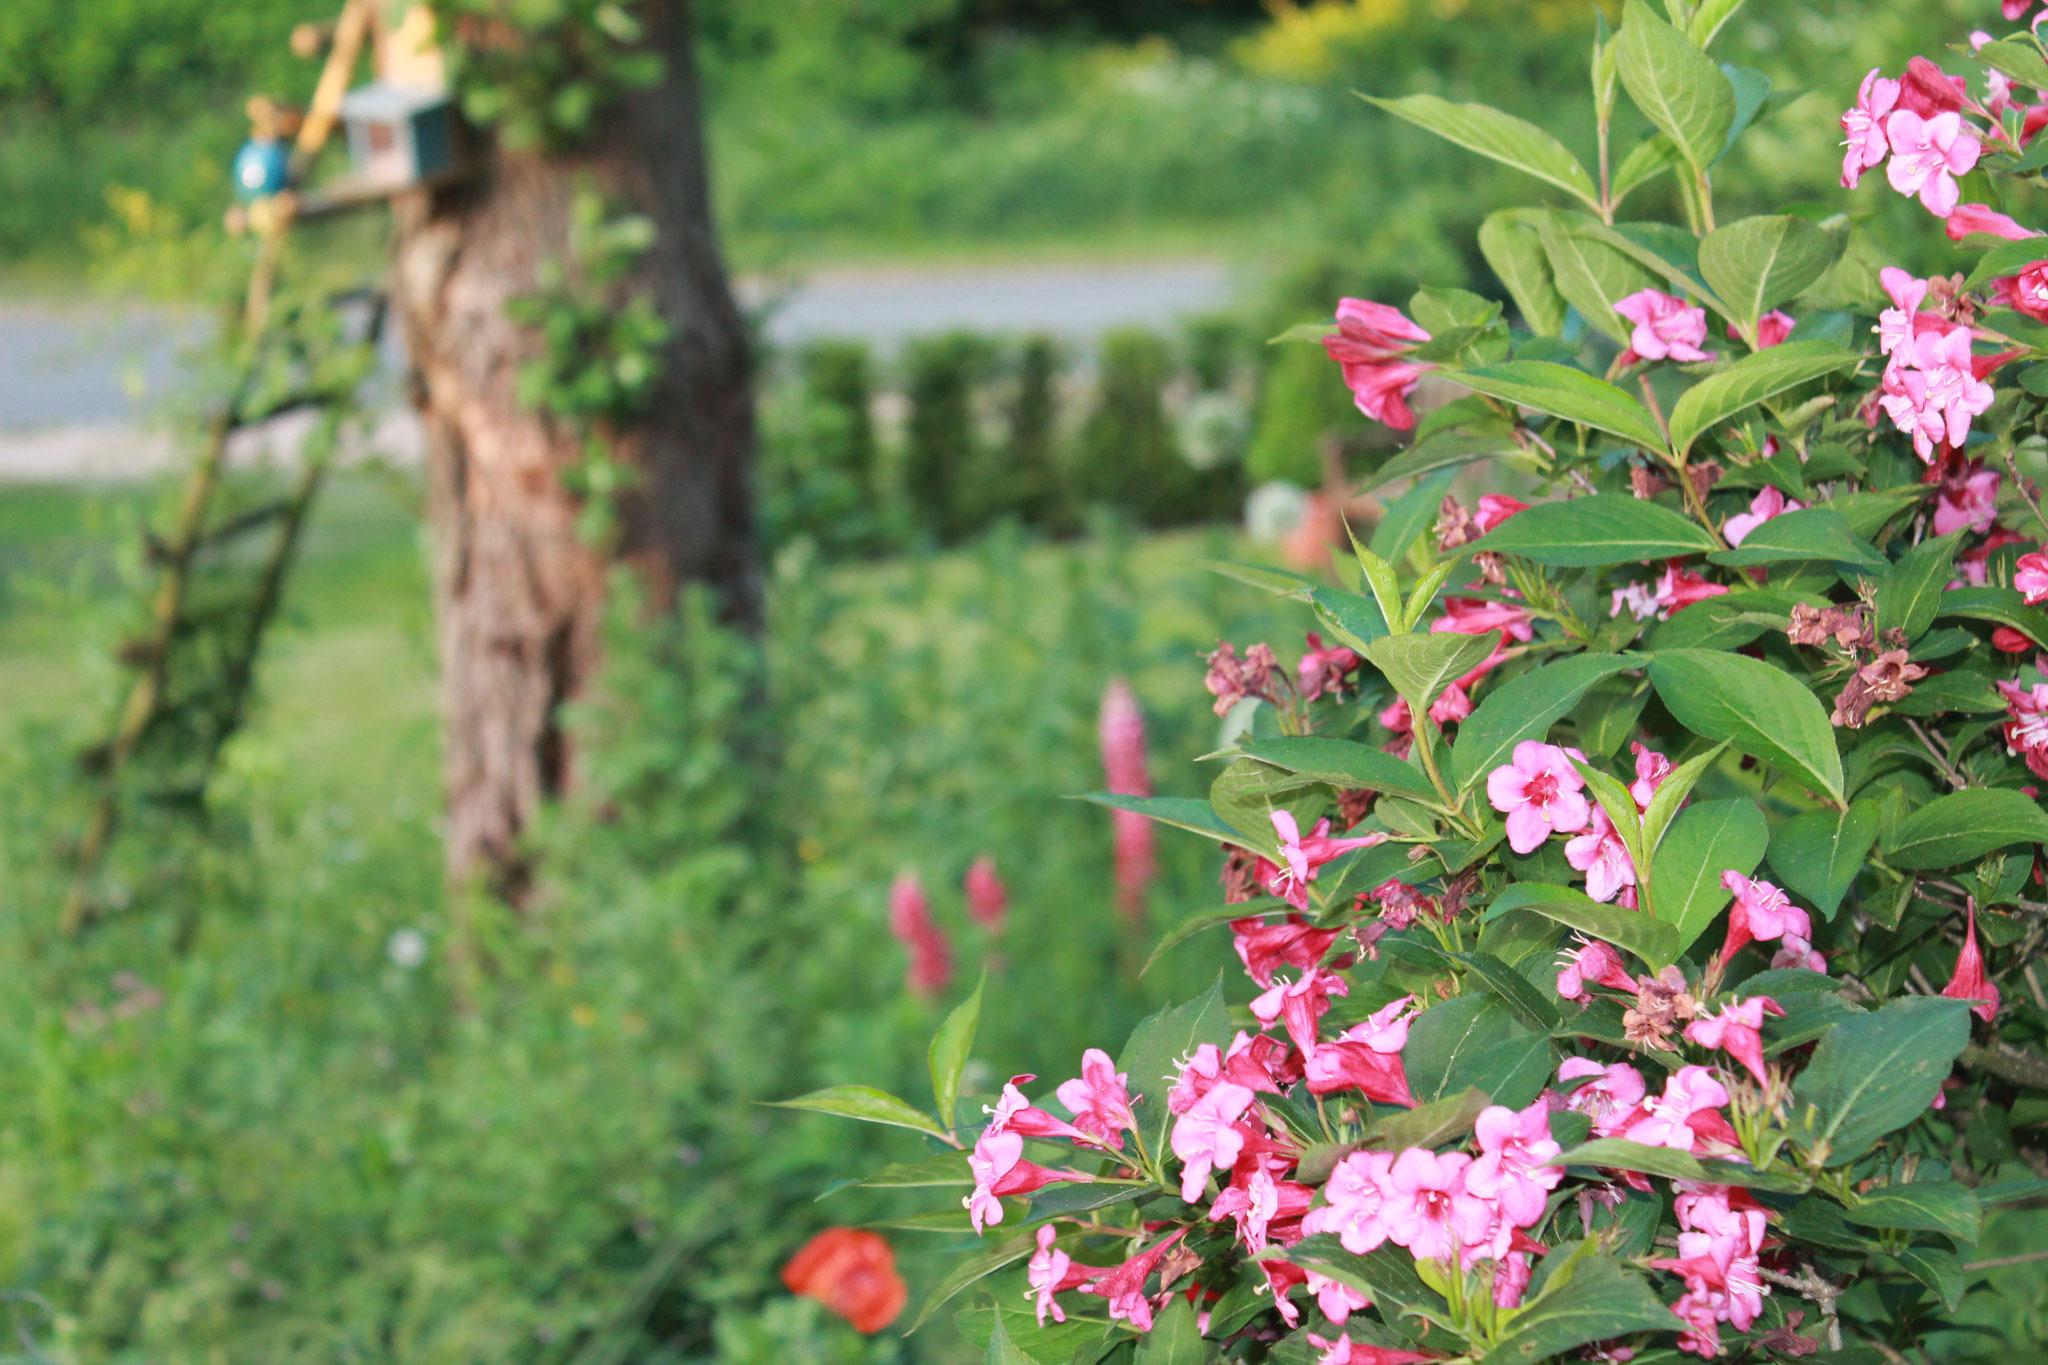 Die Blütenpracht erwarten wir zusammen mit Ihnen